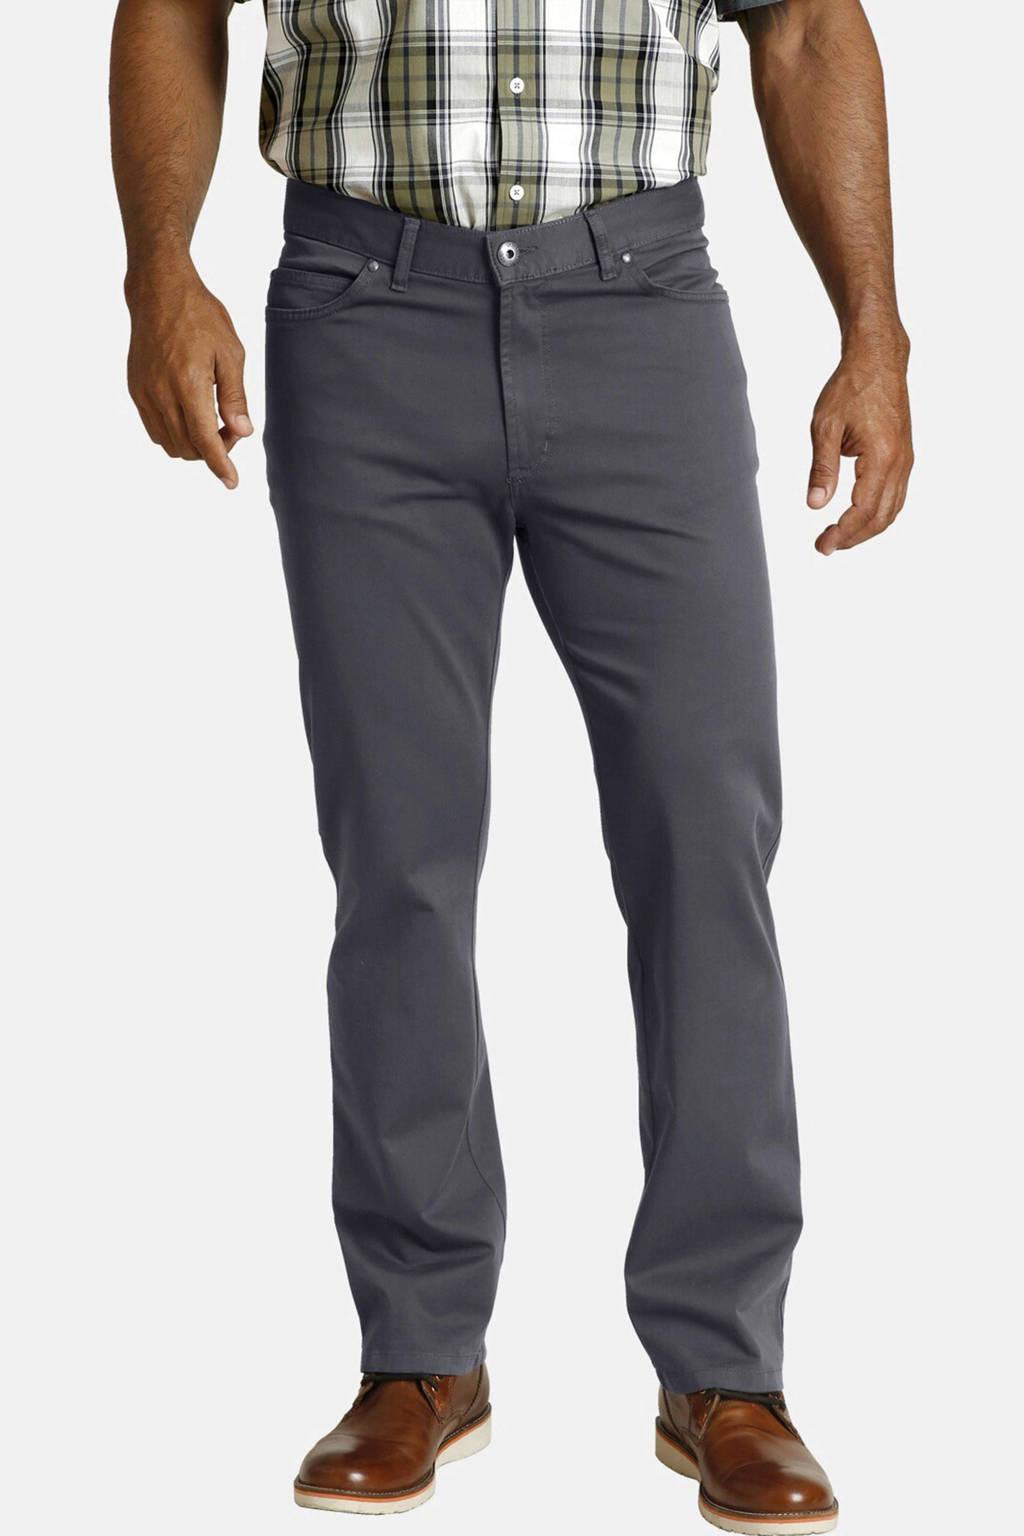 Jan Vanderstorm regular fit broek Plus Size TEJA (set van 2), Grijs en zwart